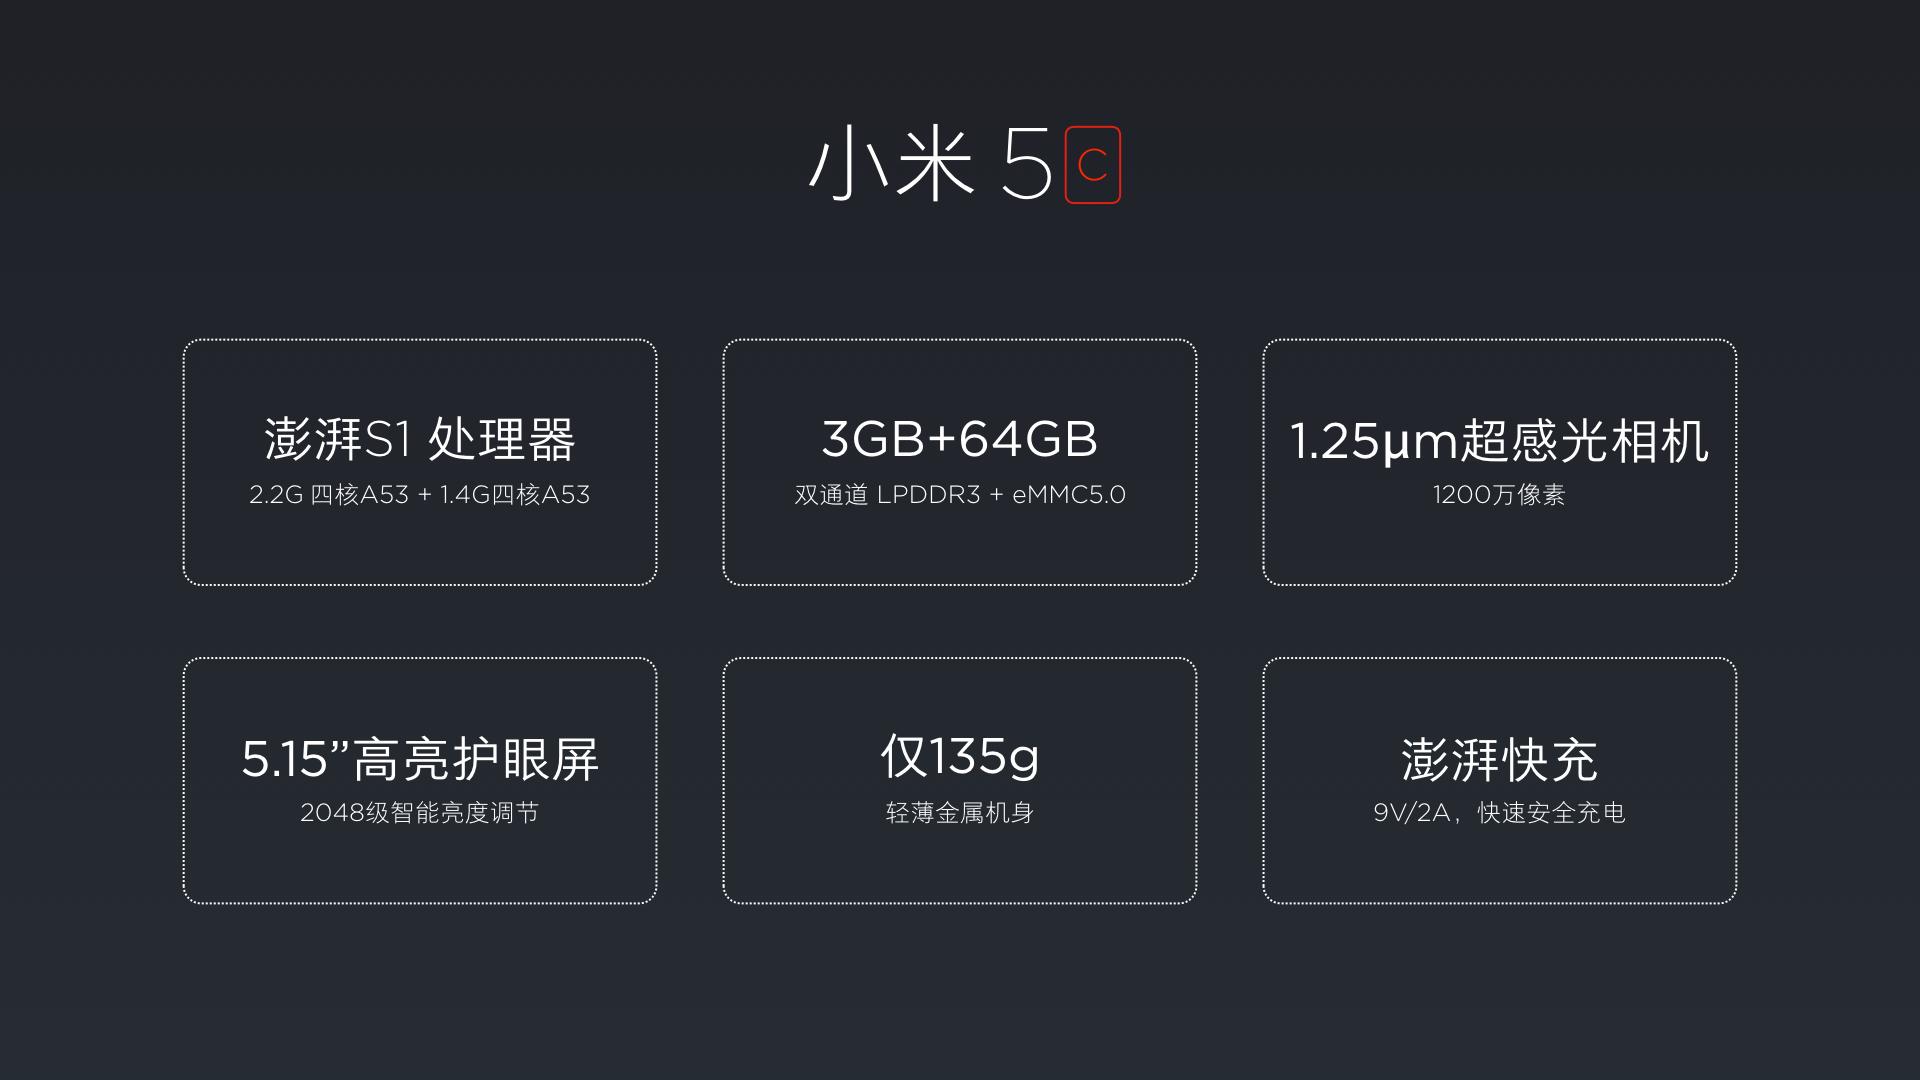 1499元 小米芯片 5.15寸,红米手机4C宣布公布!